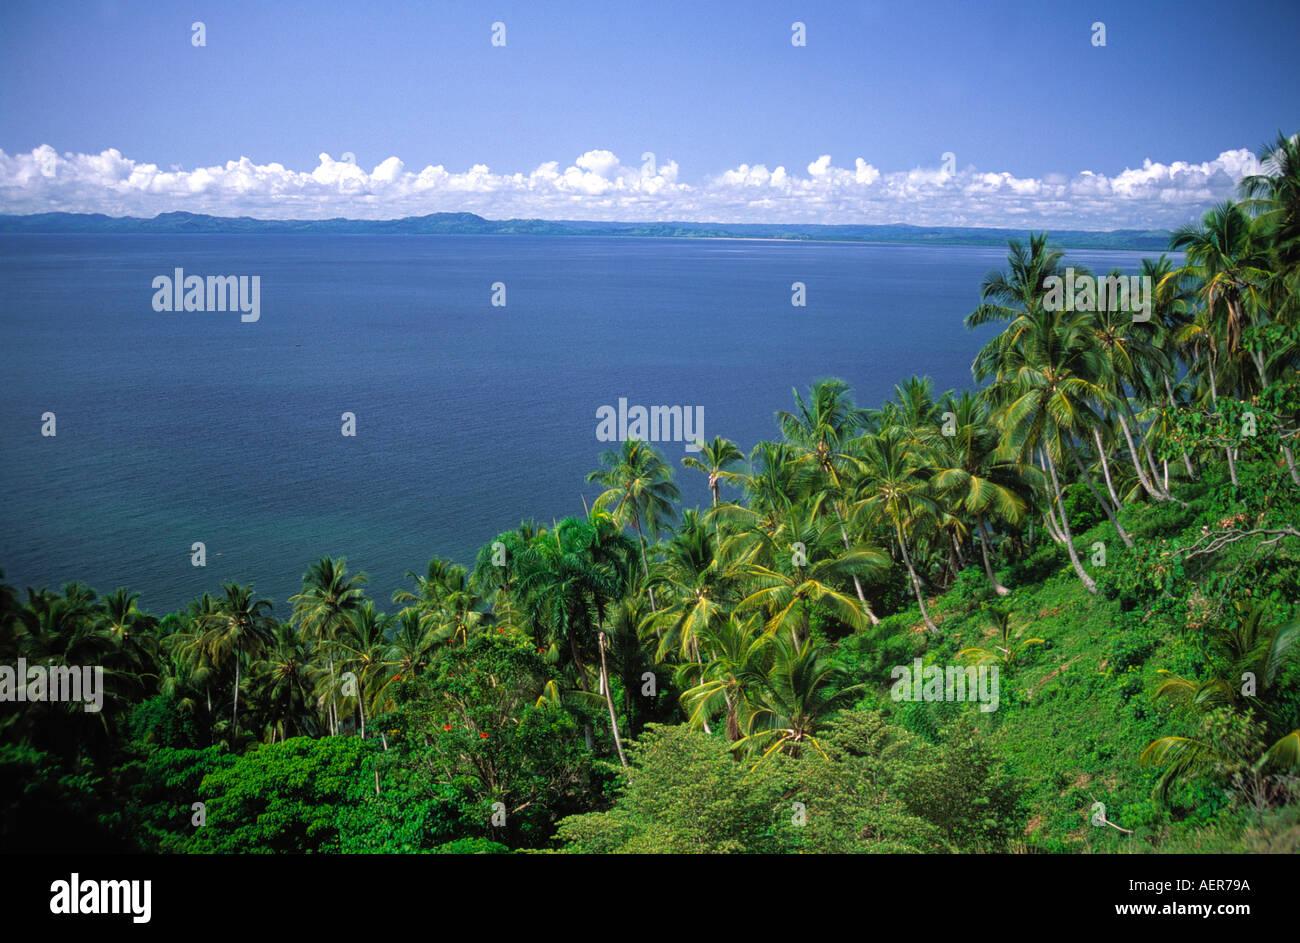 Coconut grove de palmeras cerca de la aldea de Samana Republica Dominicana archipiélago de las Antillas Mayores del Caribe Foto de stock